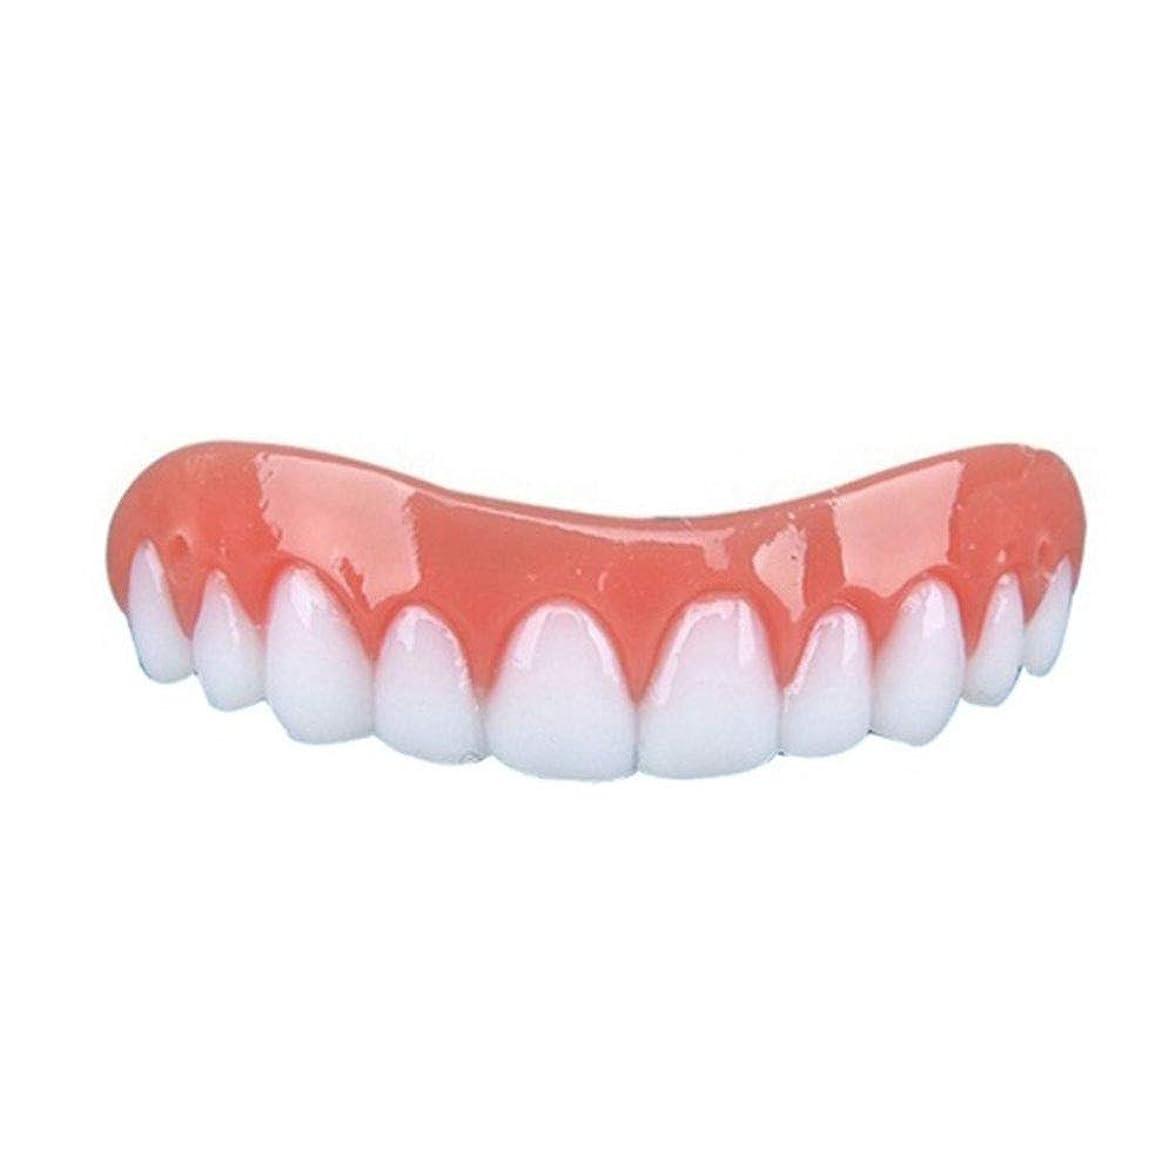 屋内でマザーランド登録Bartram 歯カバー シリコン義歯ペースト 上歯 笑顔を保つ 歯保護 美容用 入れ歯 矯正義歯